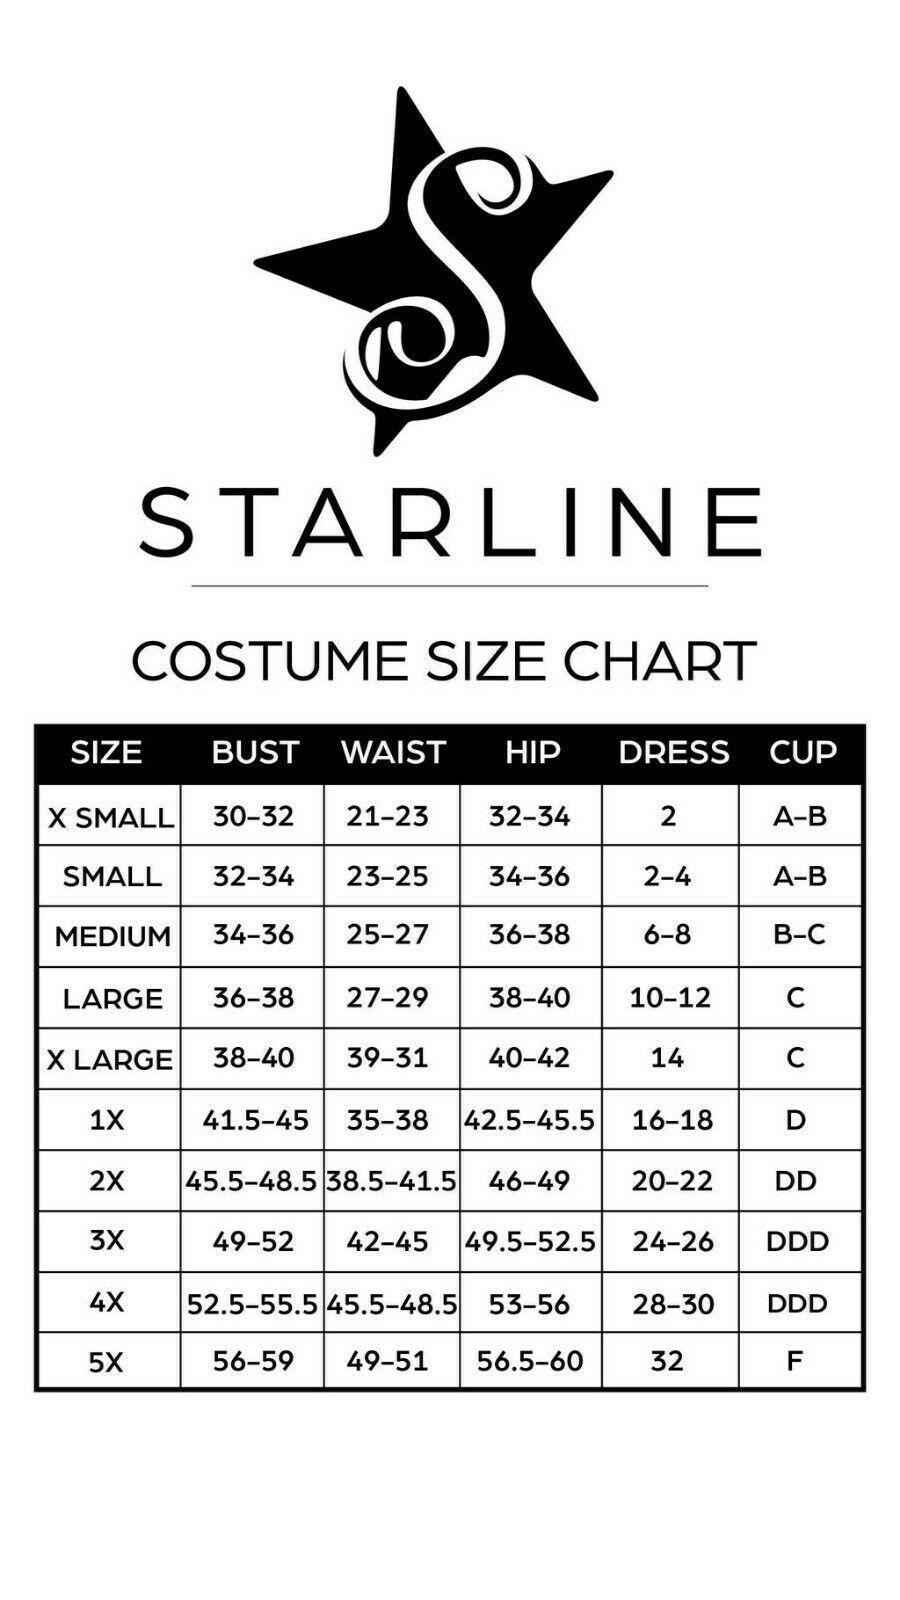 Starline Hoher See Honig Piraten Sexy Erwachsene Damen Halloween Kostüm S9009 image 3